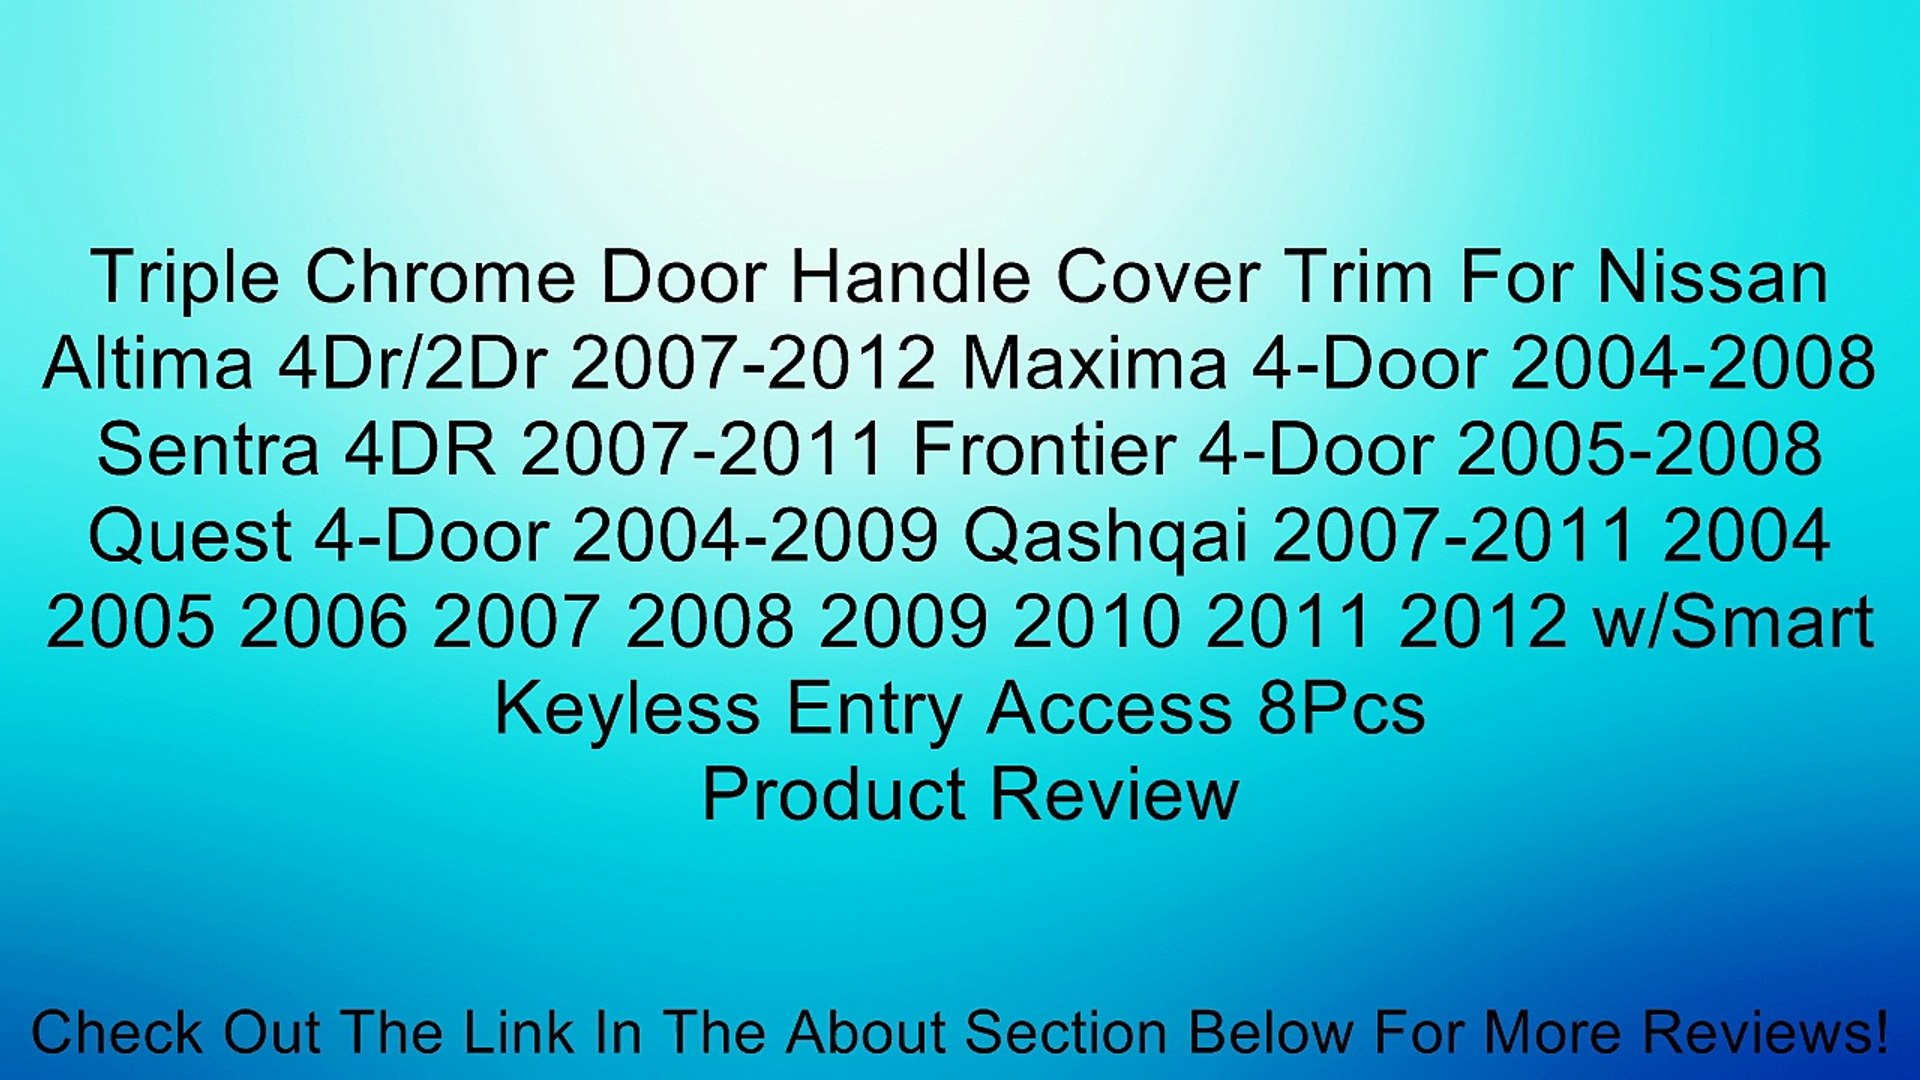 Triple Chrome Door Handle Cover Trim For Nissan Altima 4Dr/2Dr 2007-2012 Maxima 4-Door 2004-2008 Sentra 4DR 2007-2011 Frontier 4-Door 2005-2008 Quest 4-Door 2004-2009 Qashqai 2007-2011 2004 2005 2006 2007 2008 2009 2010 2011 2012 w/Smart Keyless Entry Acc